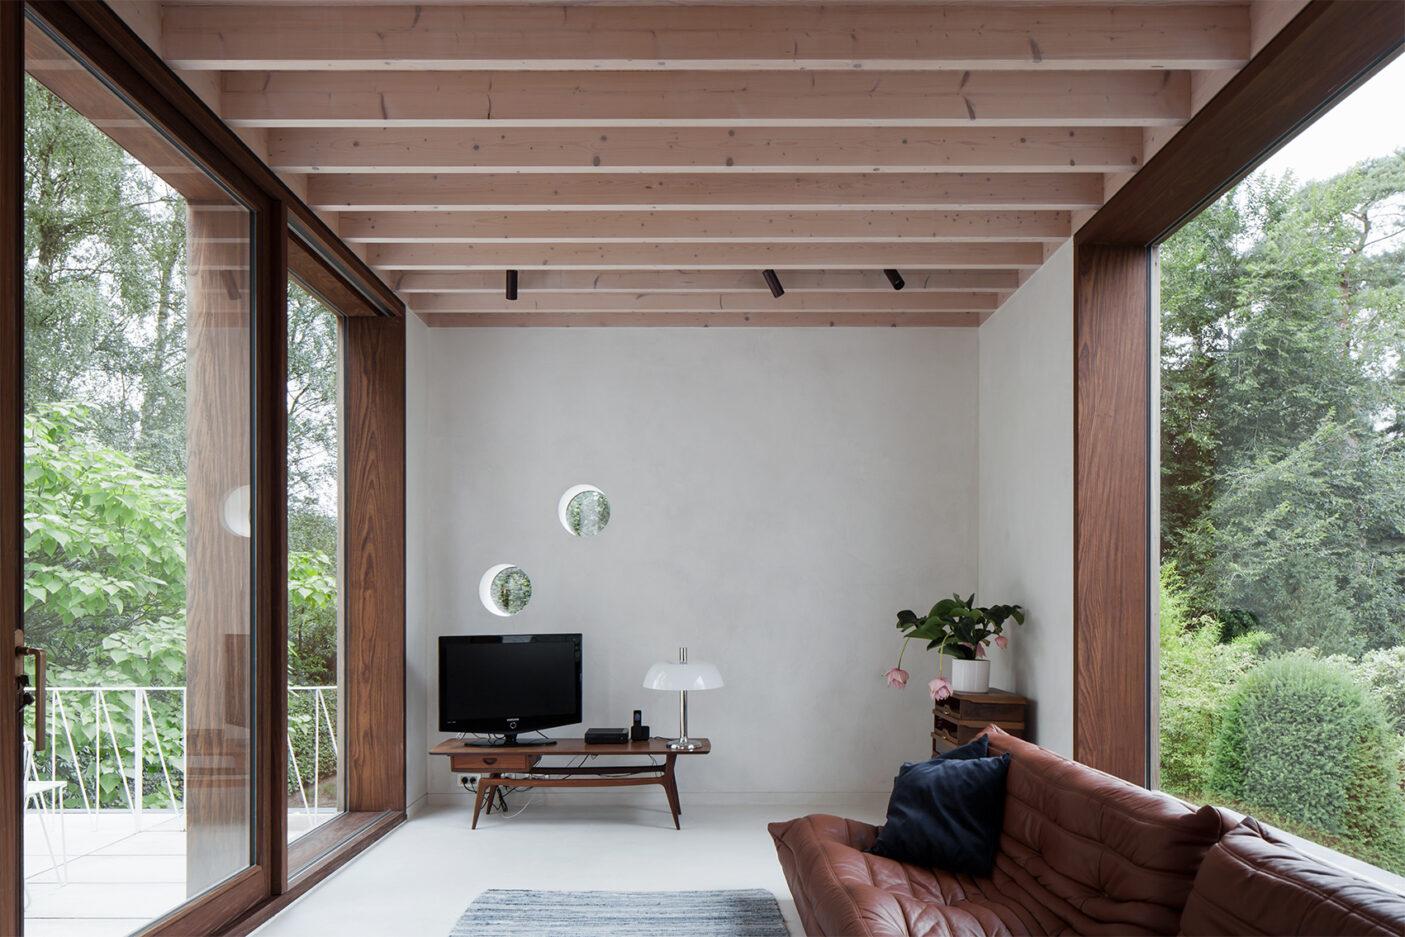 House-For-LD-30.jpg